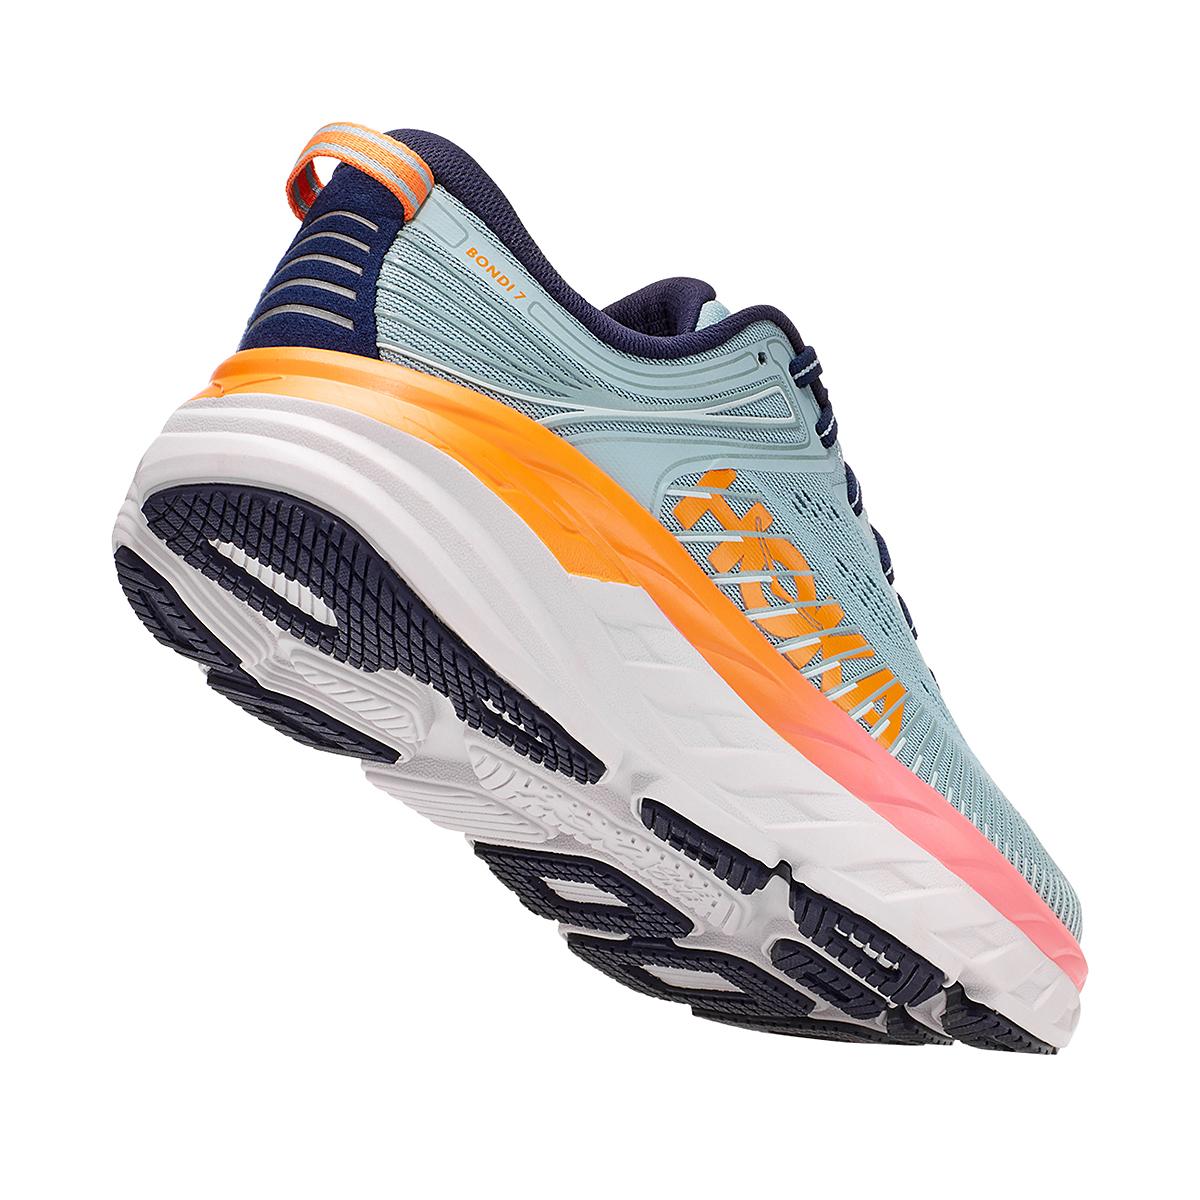 Women's Hoka One One Bondi 7 Running Shoe, , large, image 5